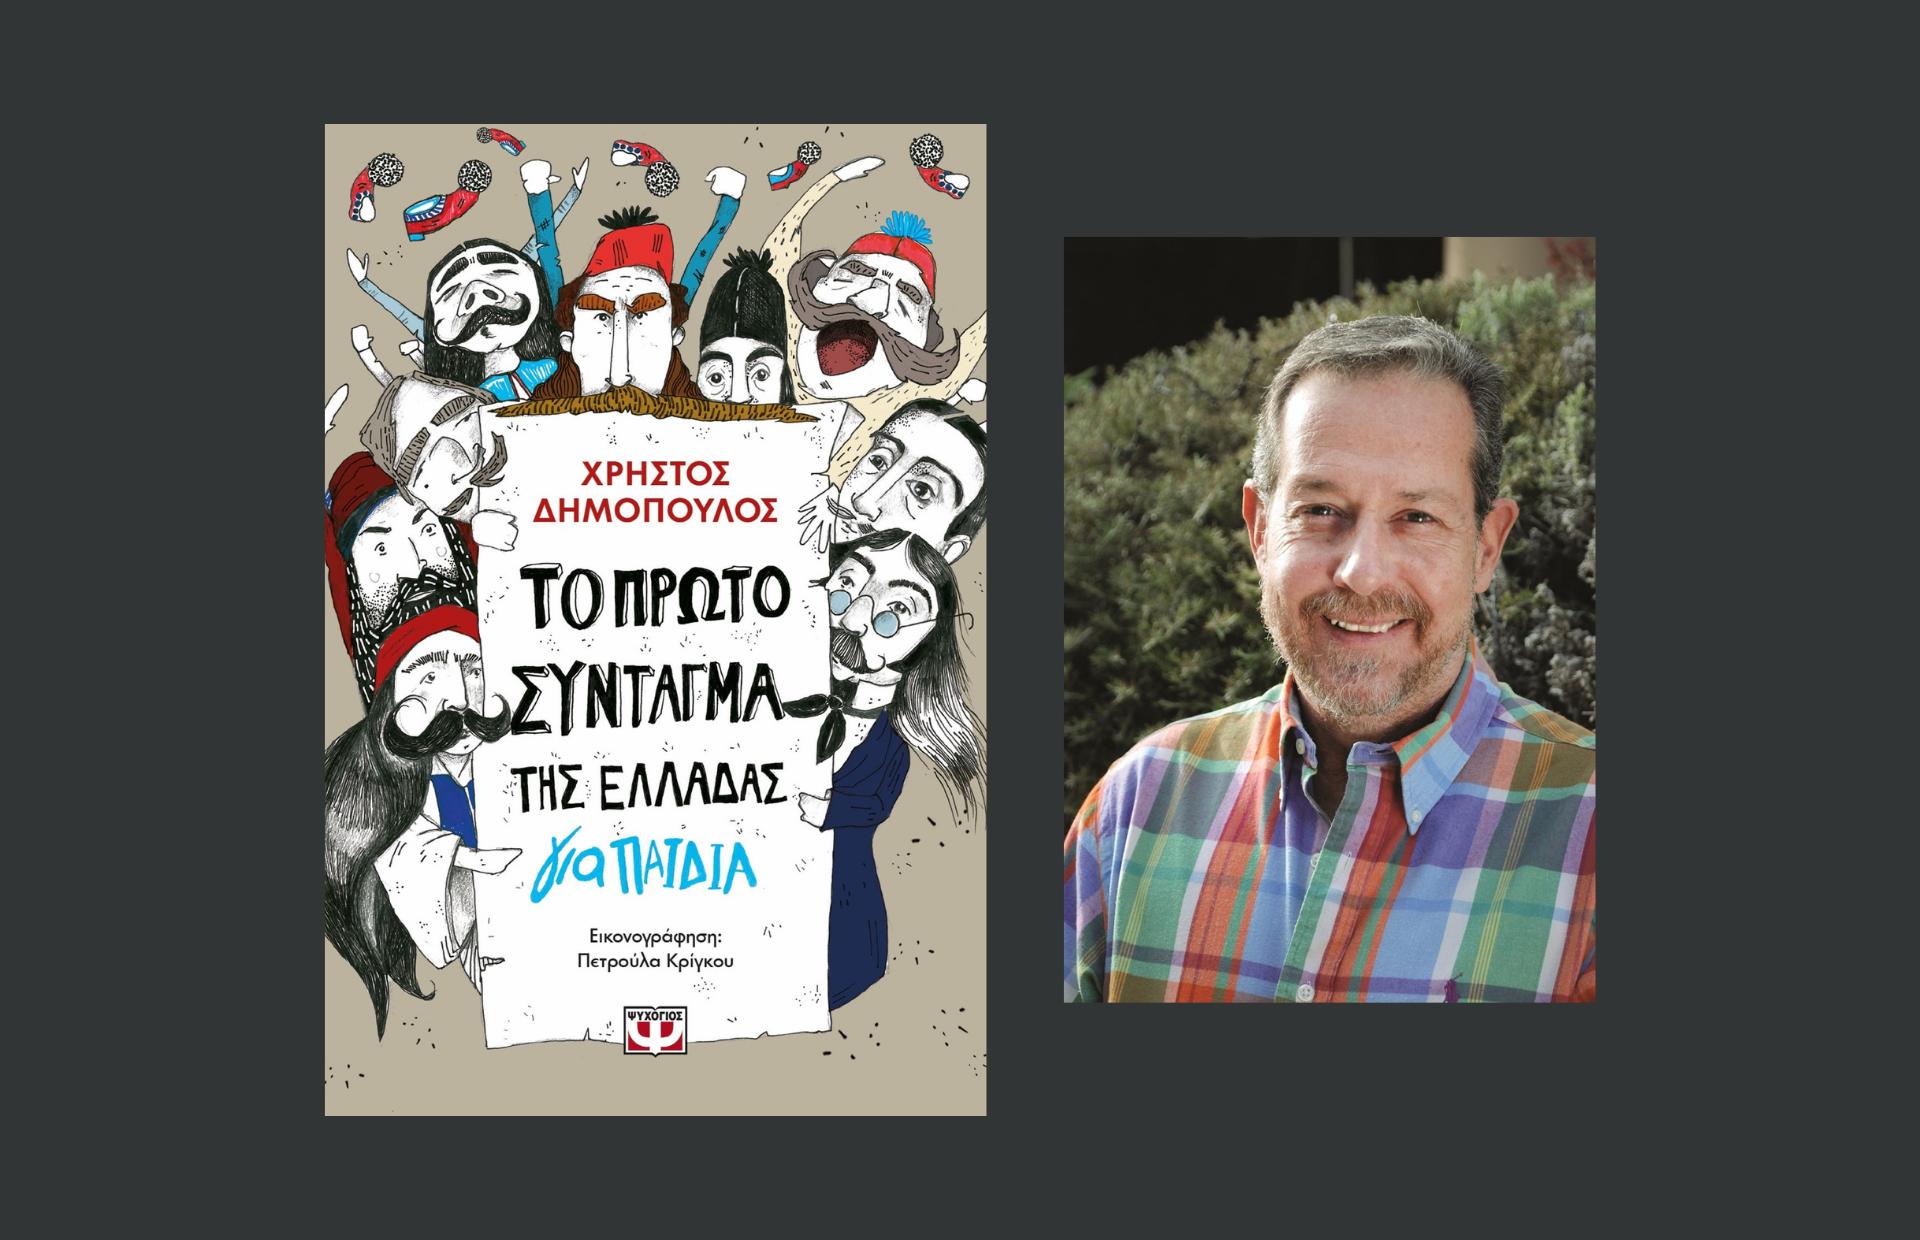 """""""Γιορτάζουμε την Eλληνική Eπανάσταση"""" Online εκδήλωση για παιδιά"""